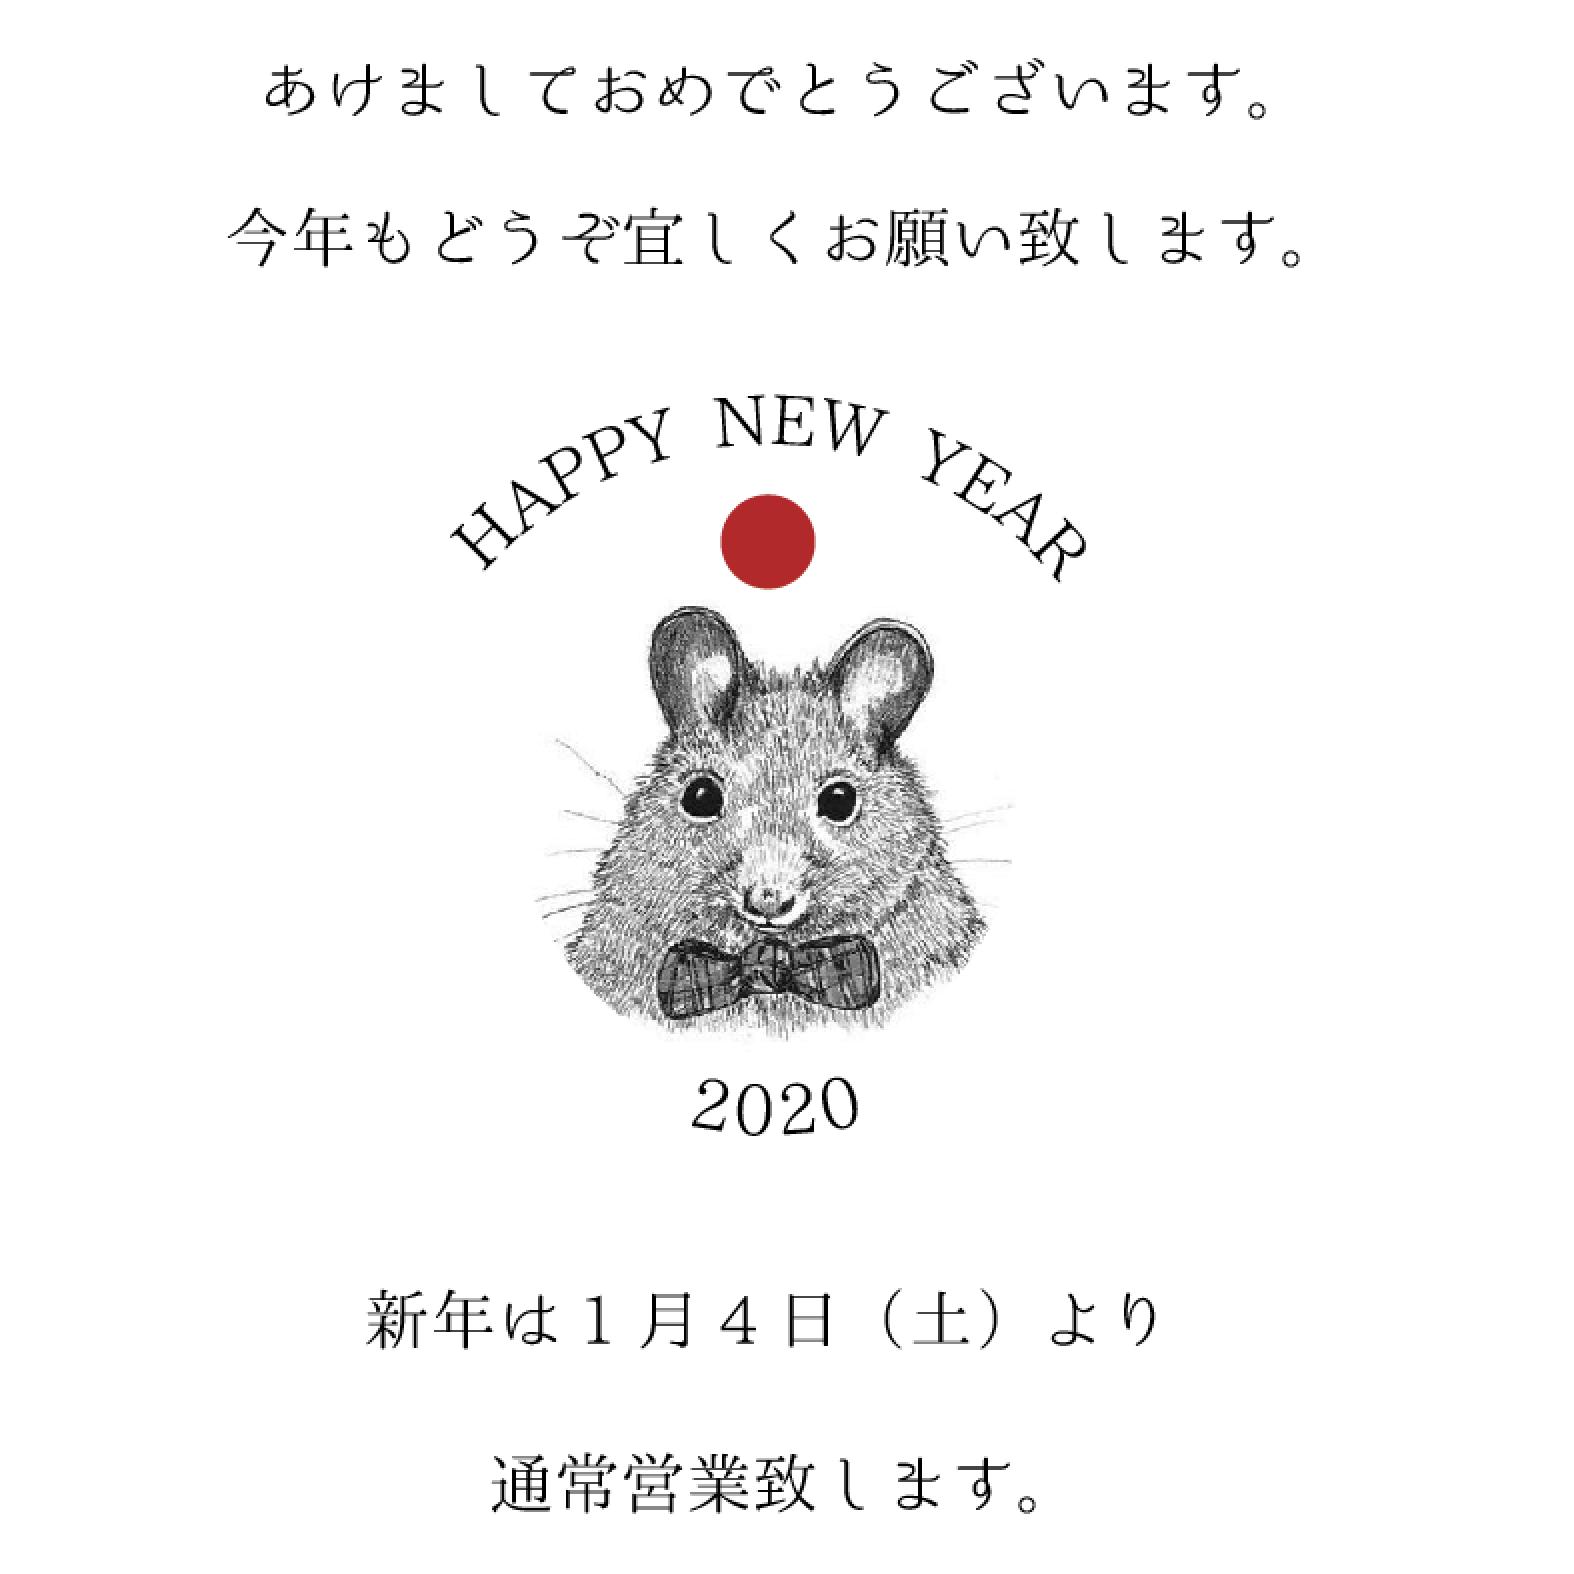 新年あけましておめでとうございます!_e0325668_20465526.png